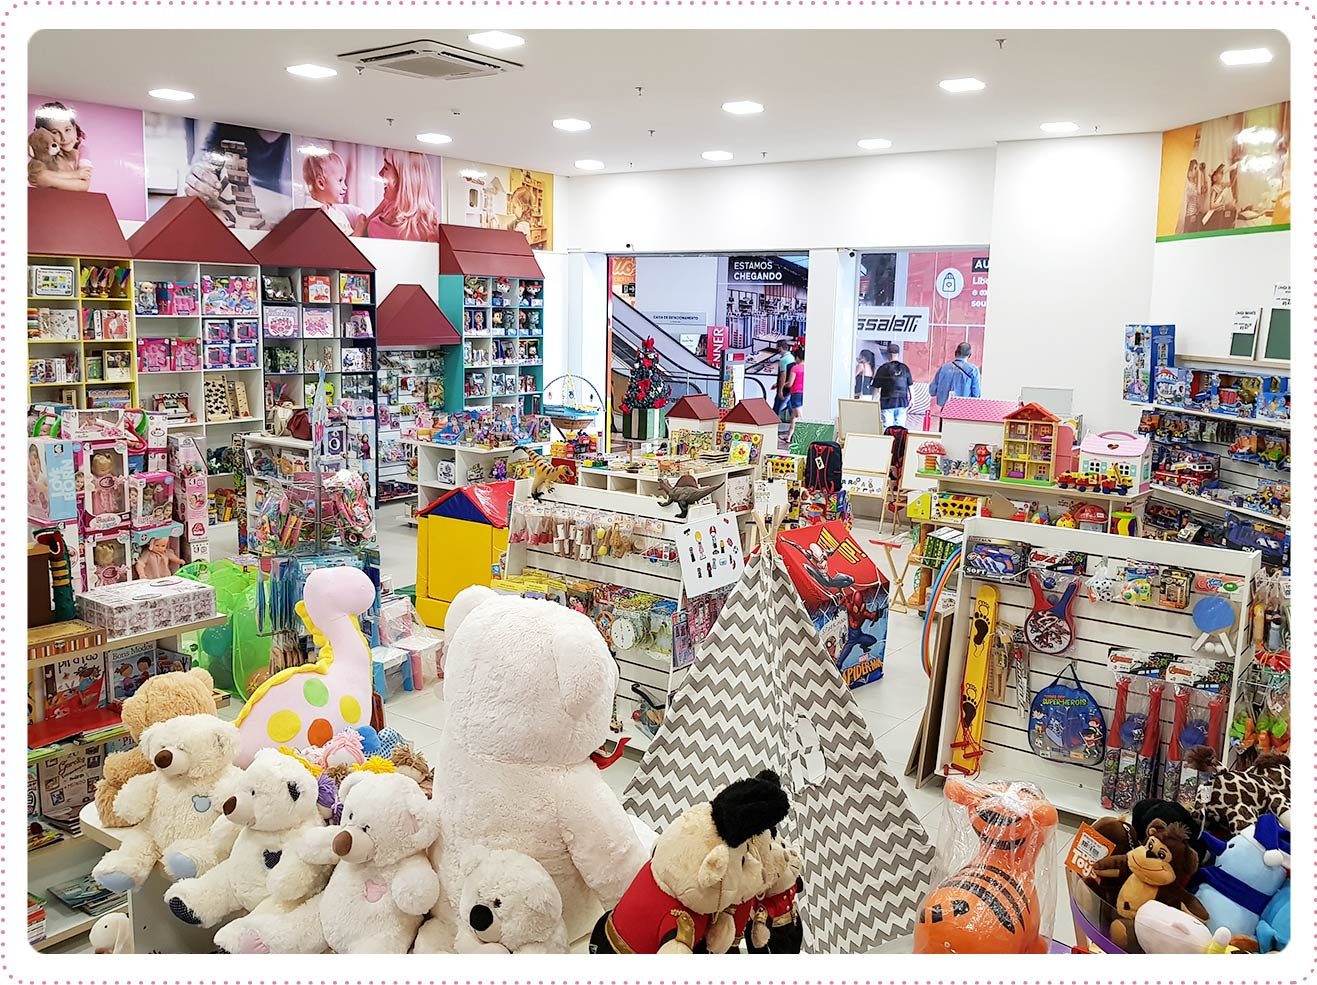 Uma loja encantada com diversos brinquedos megadivertidos além pelúcias, bonecas e muito mais